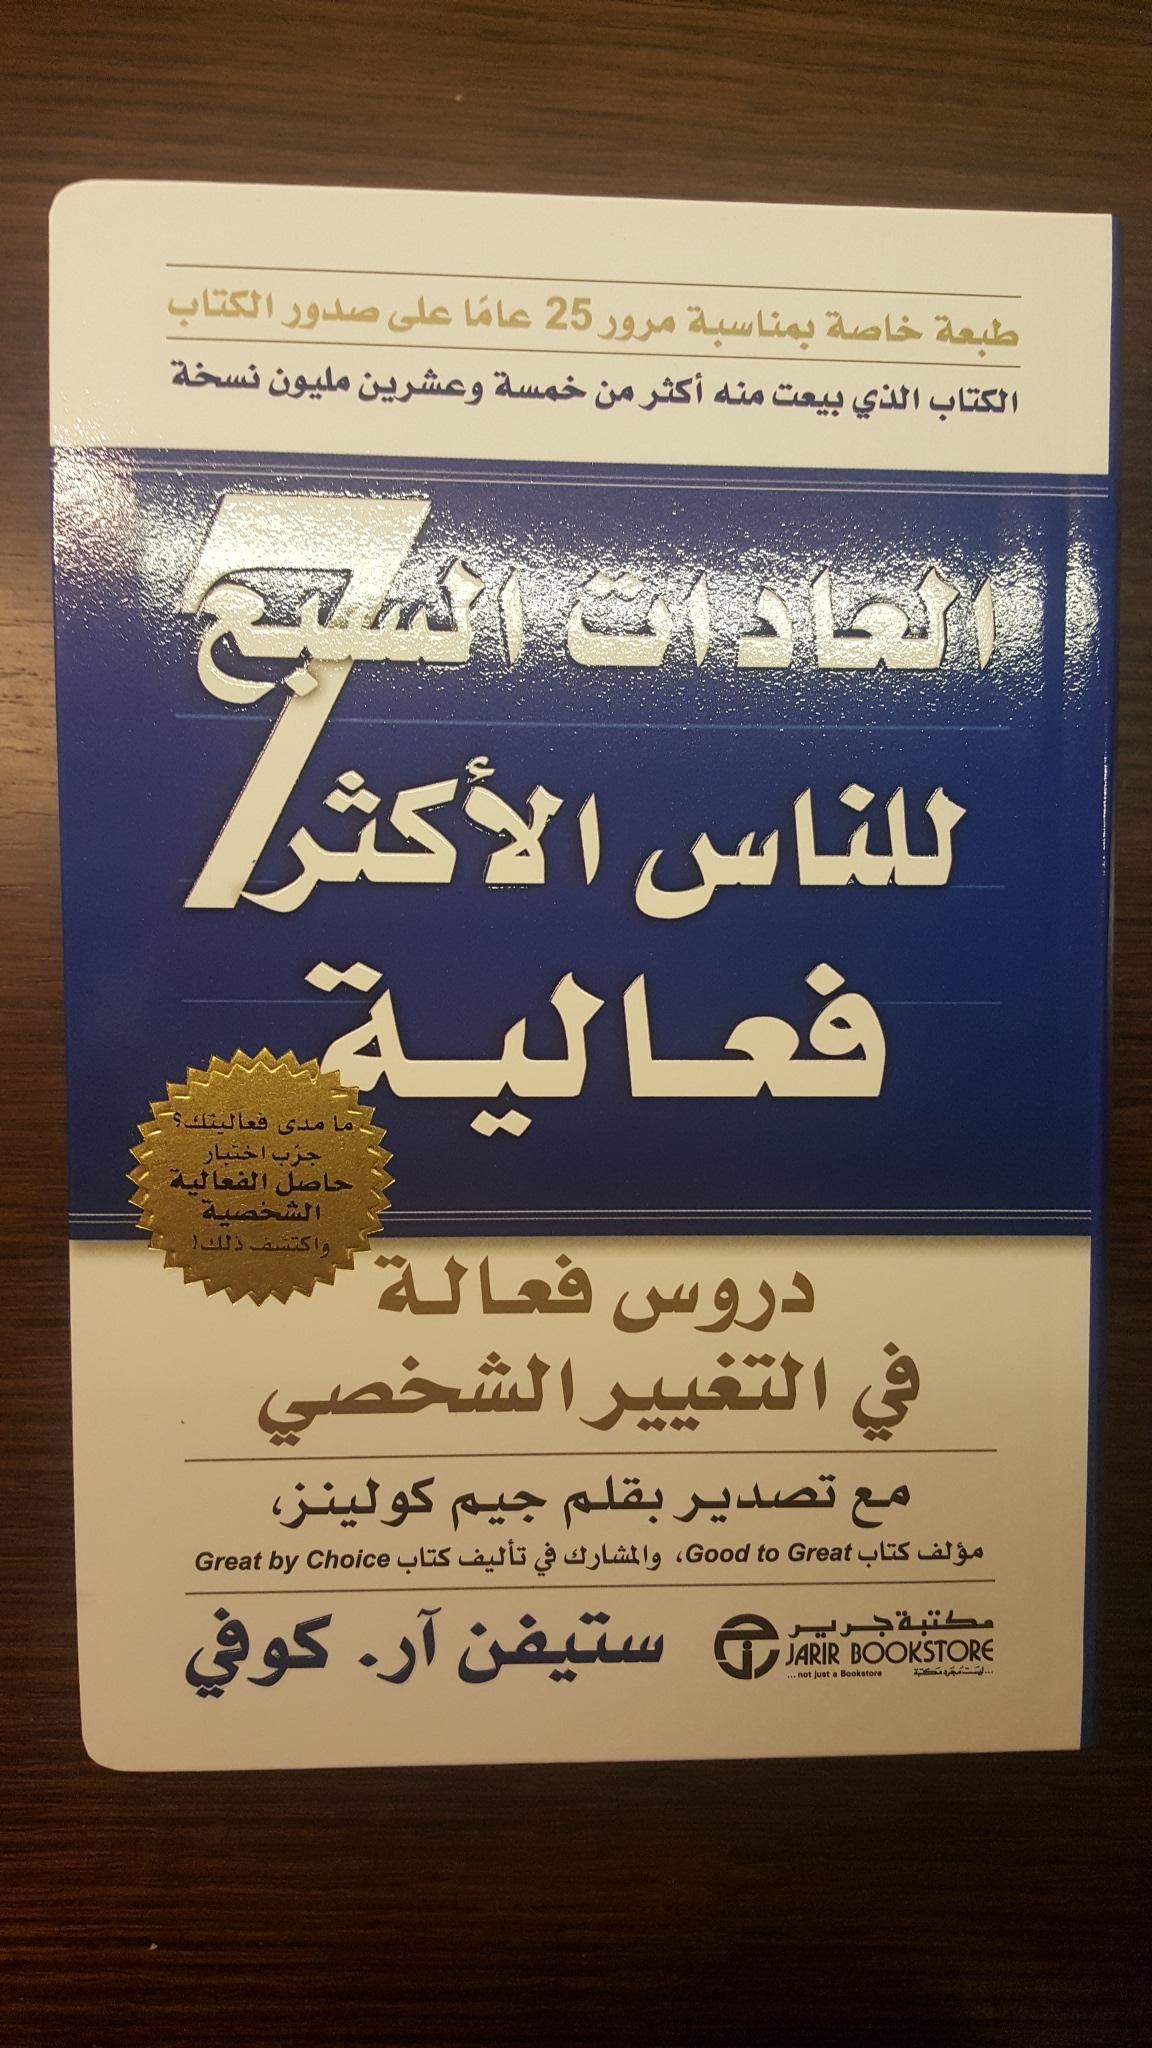 تحميل كتاب the power of now مترجم